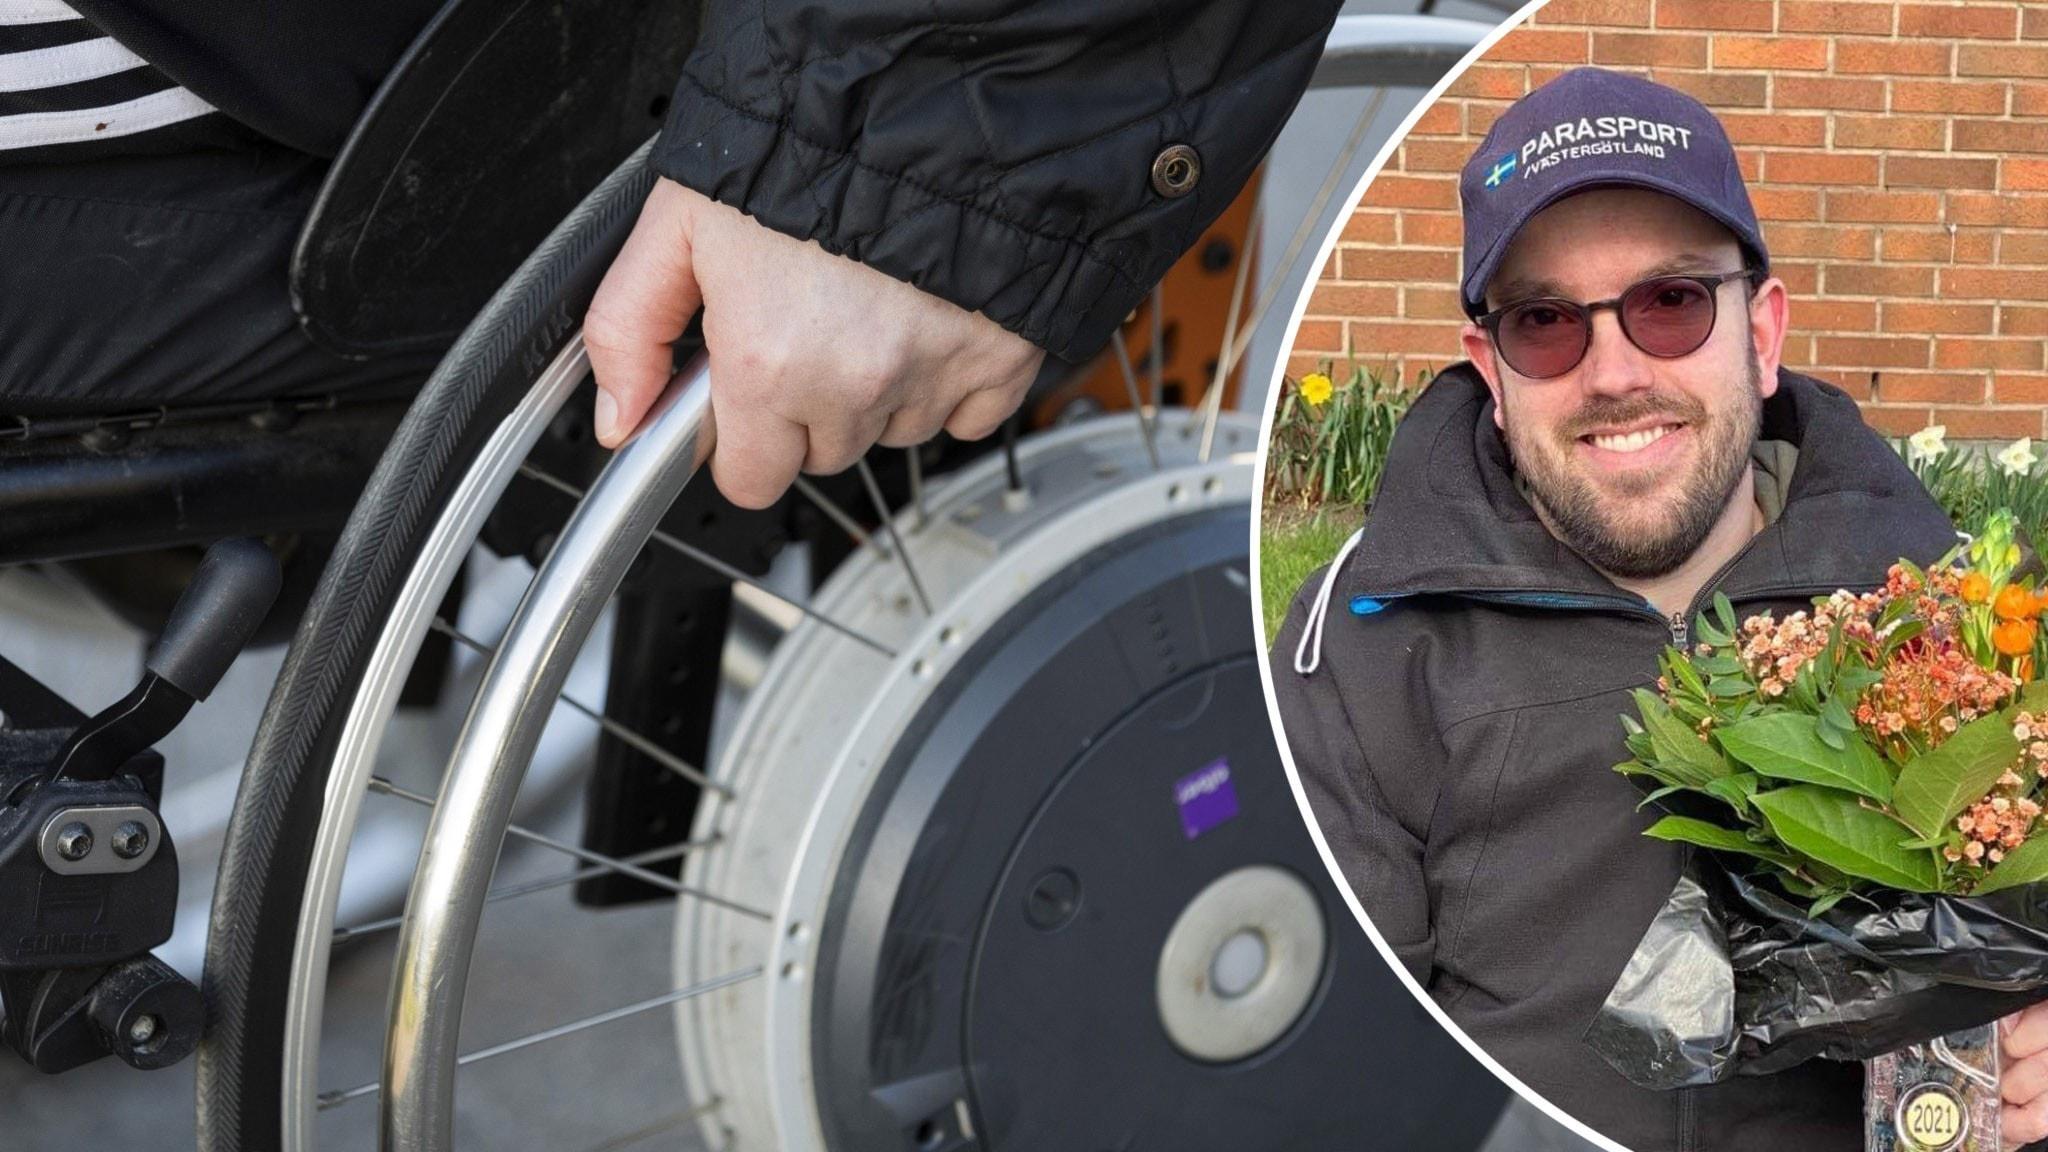 Två bilder i ett kollage. Första bilden är på en person i en rullstol. Andra bilden är på Linus Edlund som ler stort.